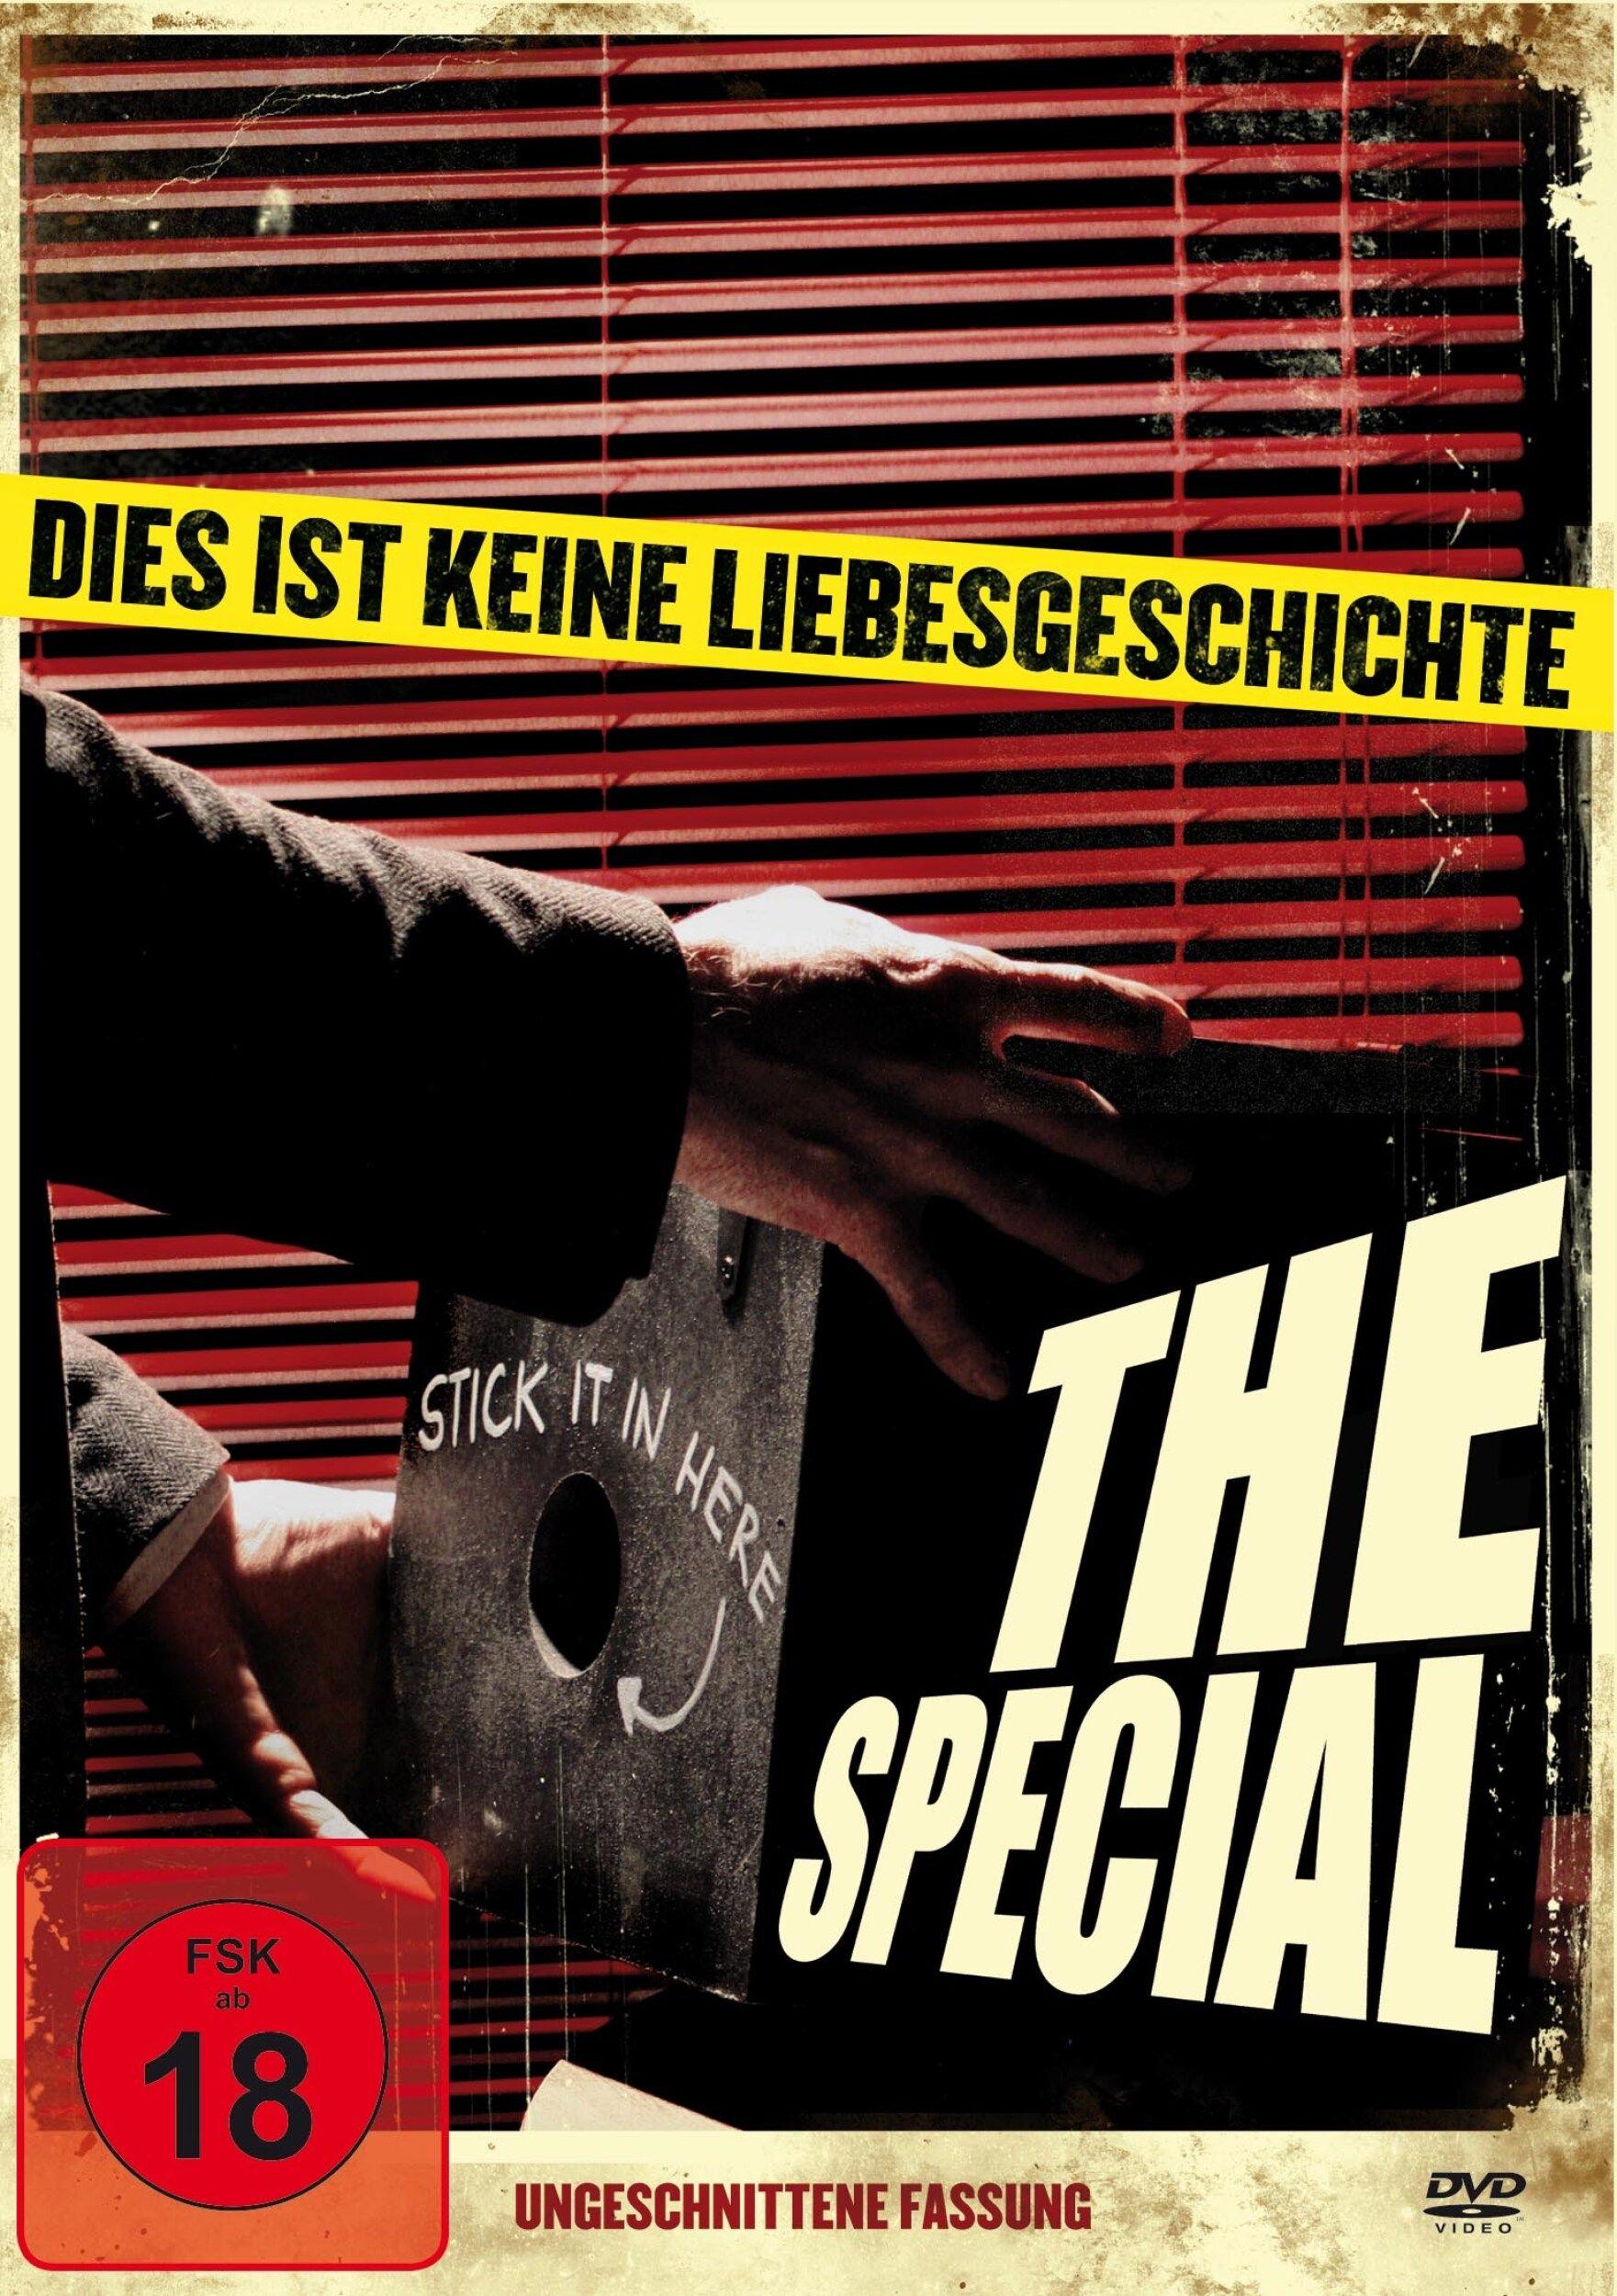 Special, The - Dies ist keine Liebesgeschichte